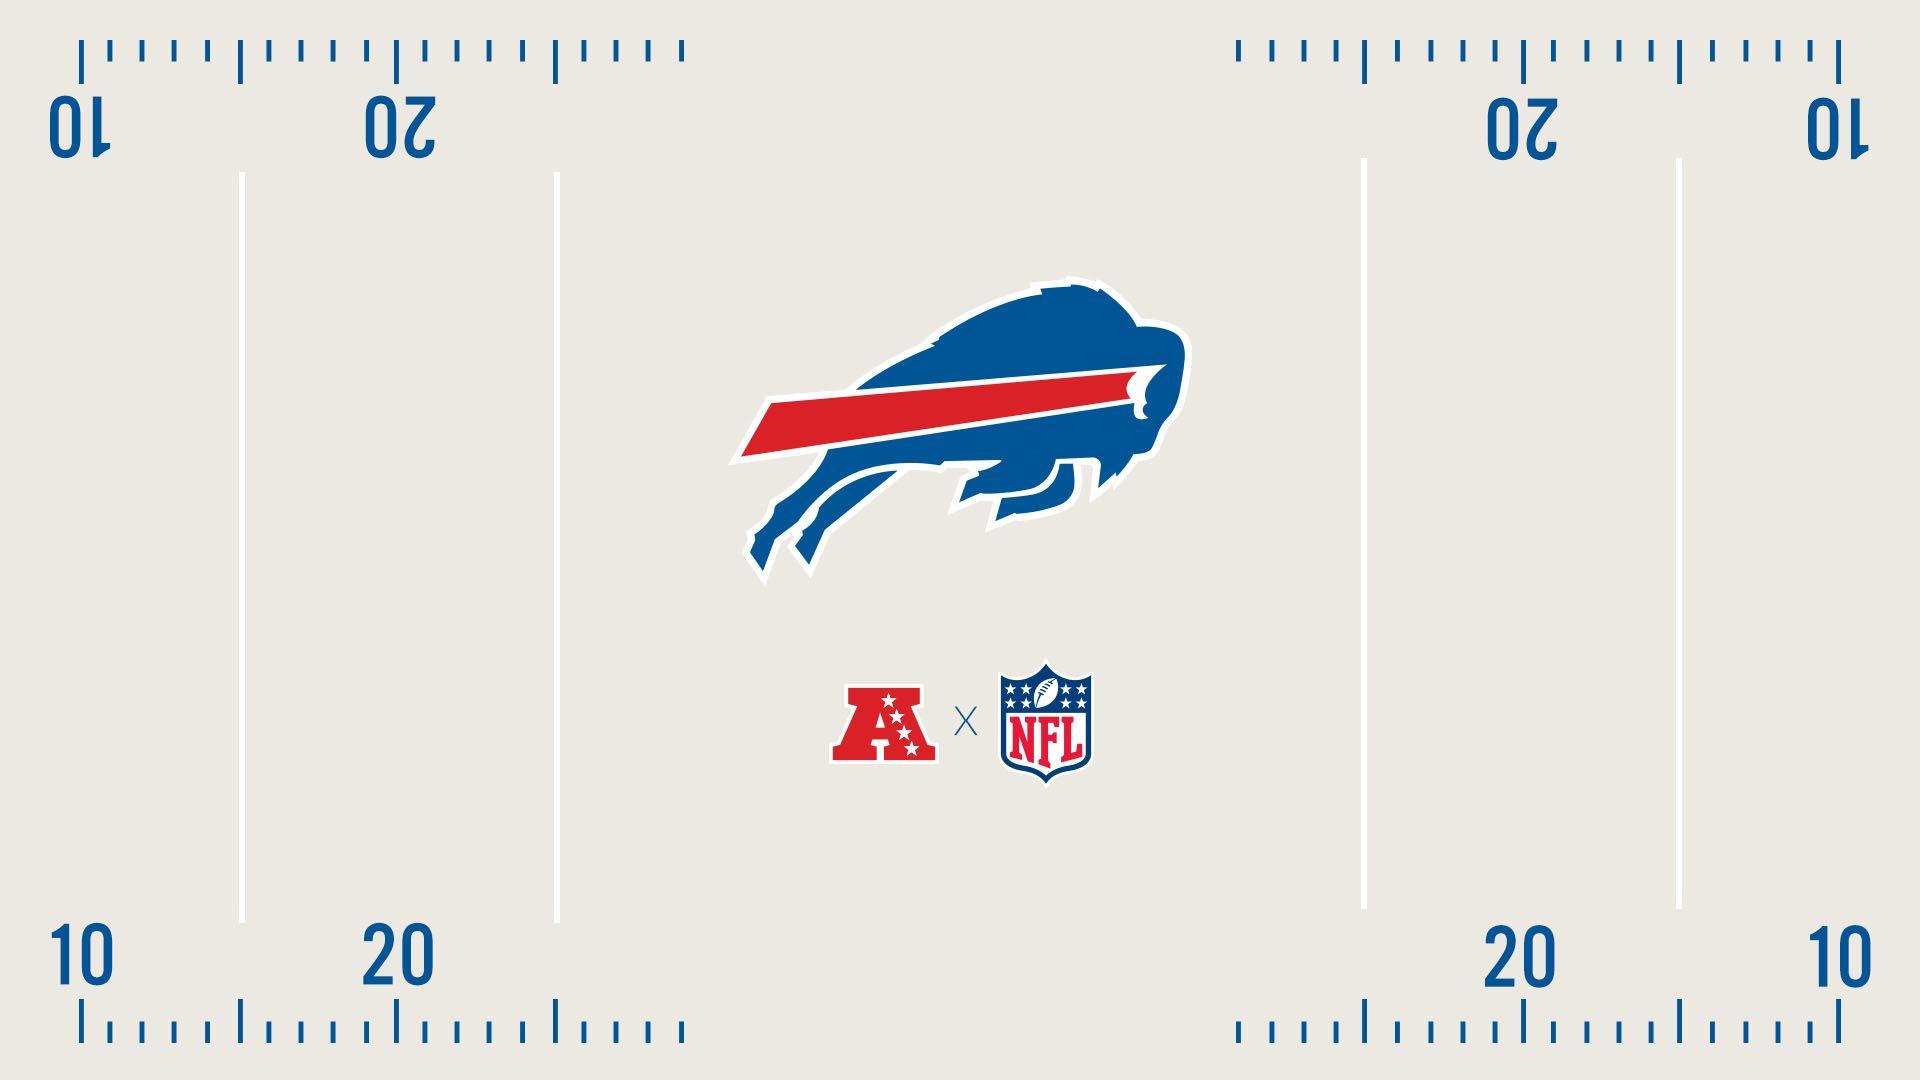 BBS-02562 - Buffalo Bills Wallpapers_11-1 2_1920x1080